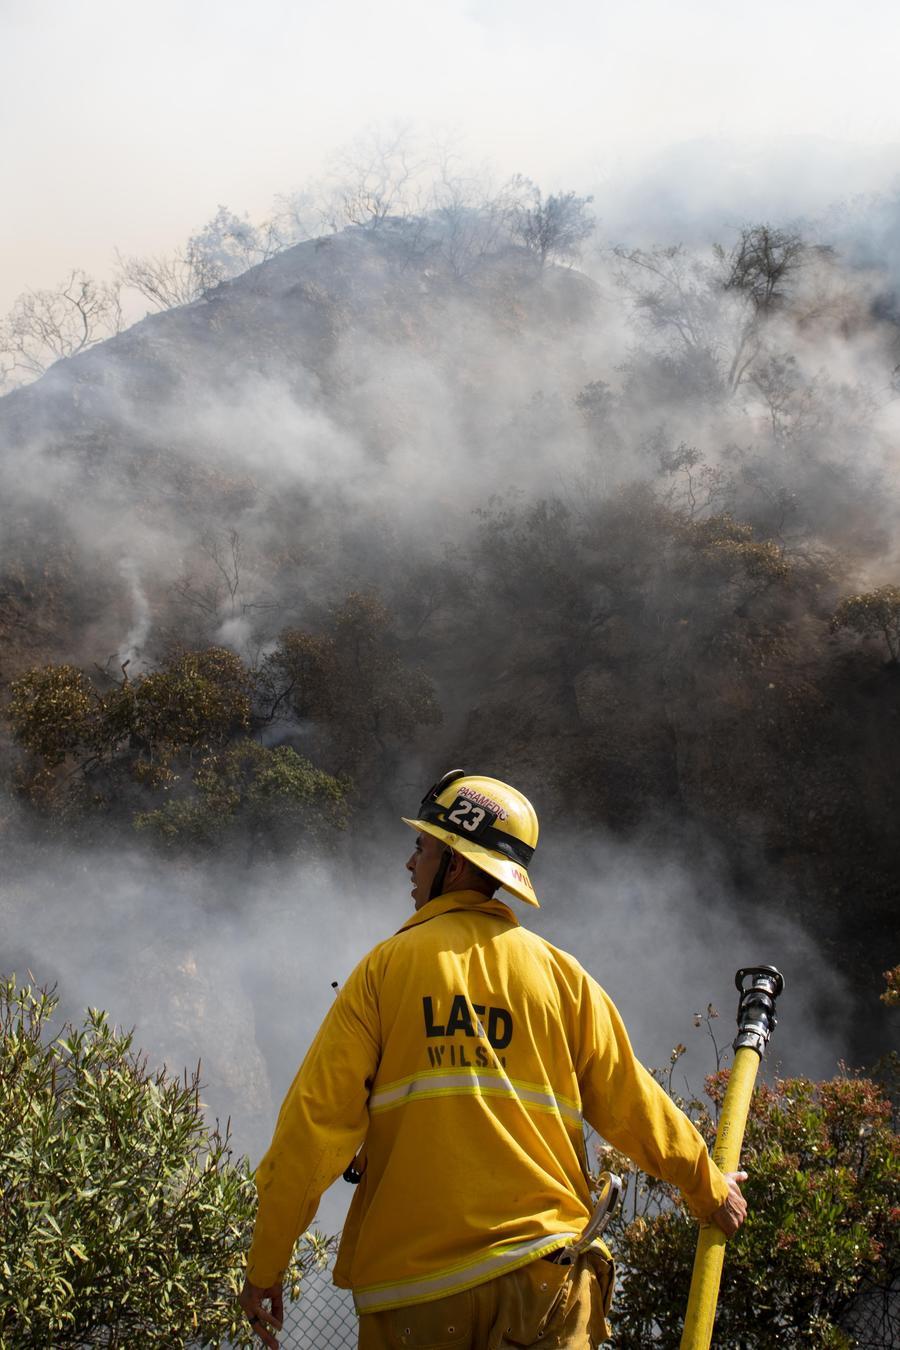 Bomberos intentan apagar las intensas llamas en el sur de California que amenazan con dejar cientos de casas completamente destruidas.